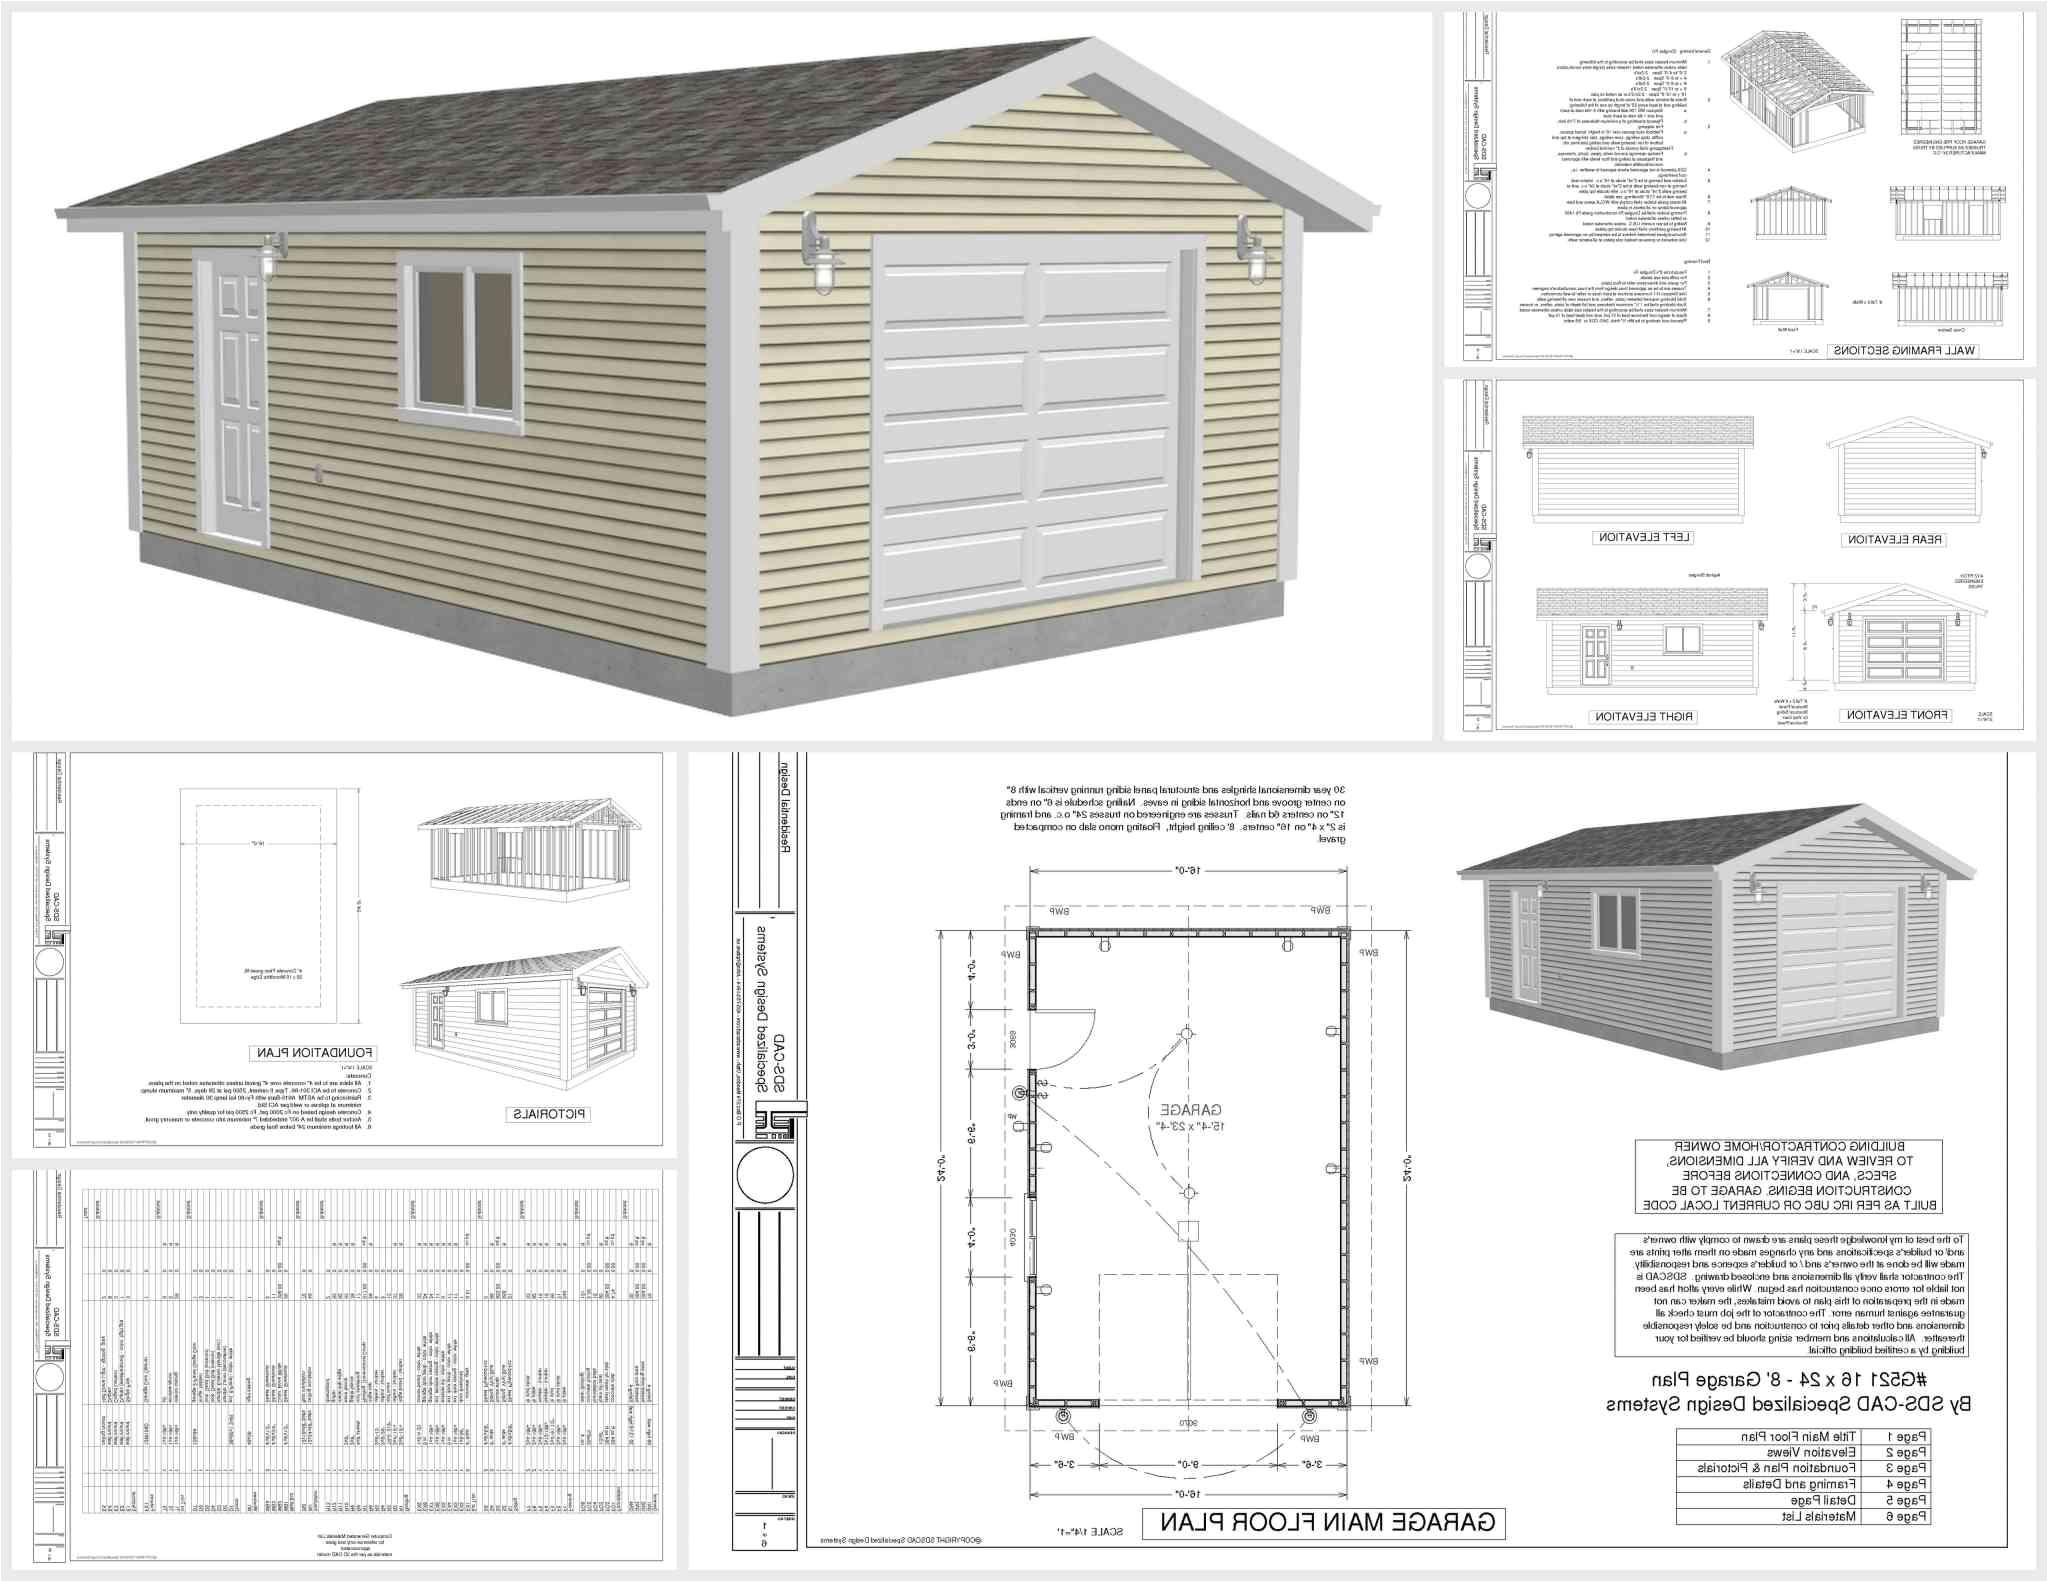 diy dog kennel elegant simple dog house plans dog kennel floor plans cheap dog house ideas